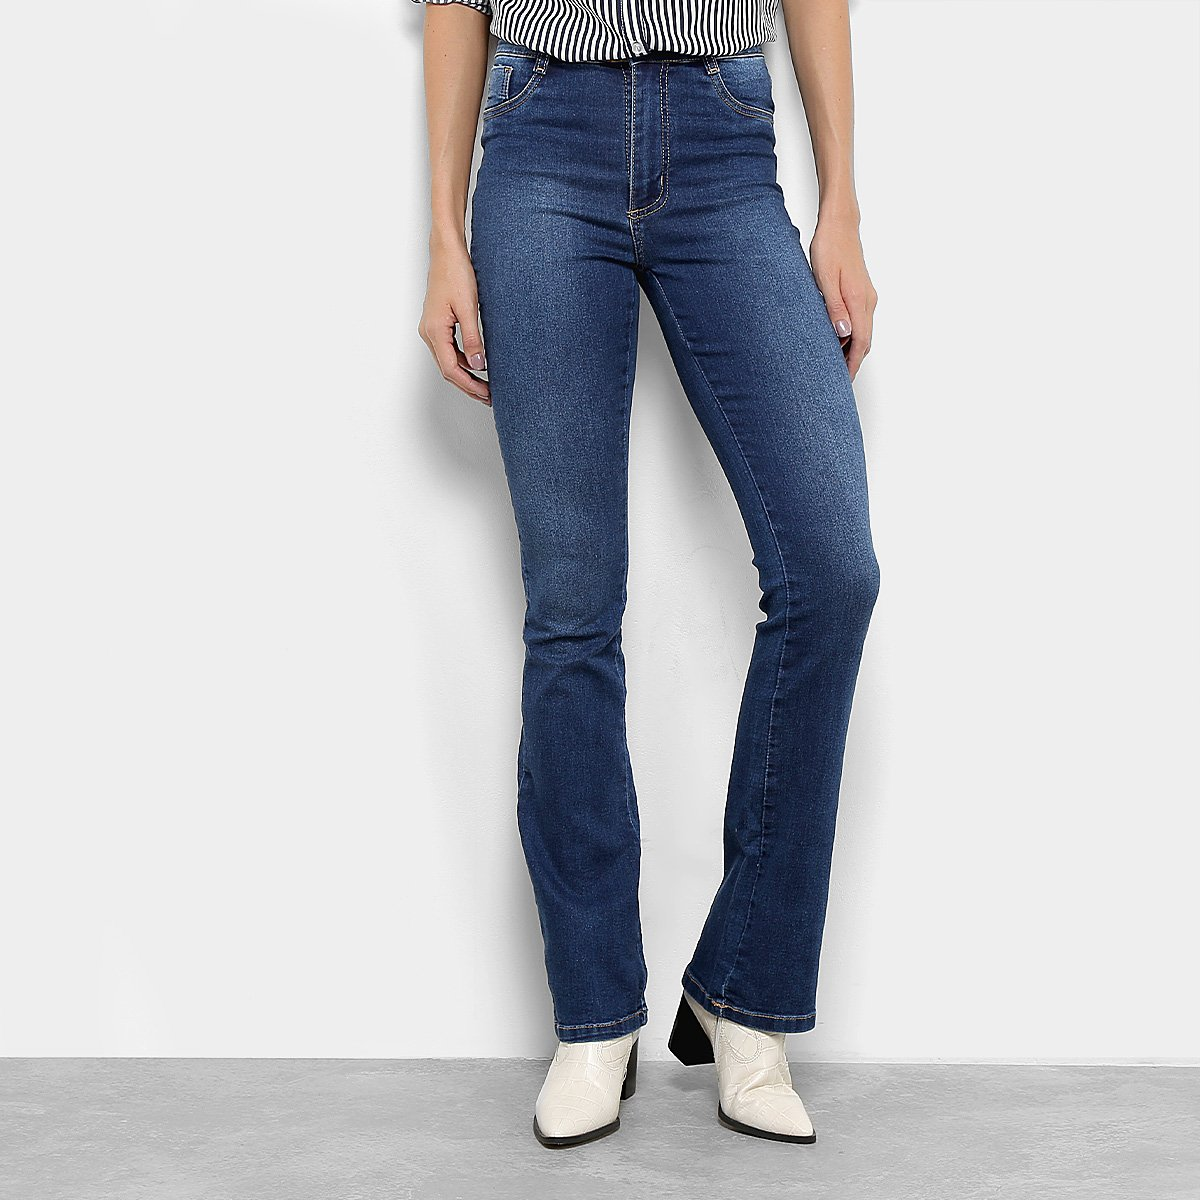 bf72e511f Calça Jeans Flare Sawary Hot Pants Cintura Média Feminina